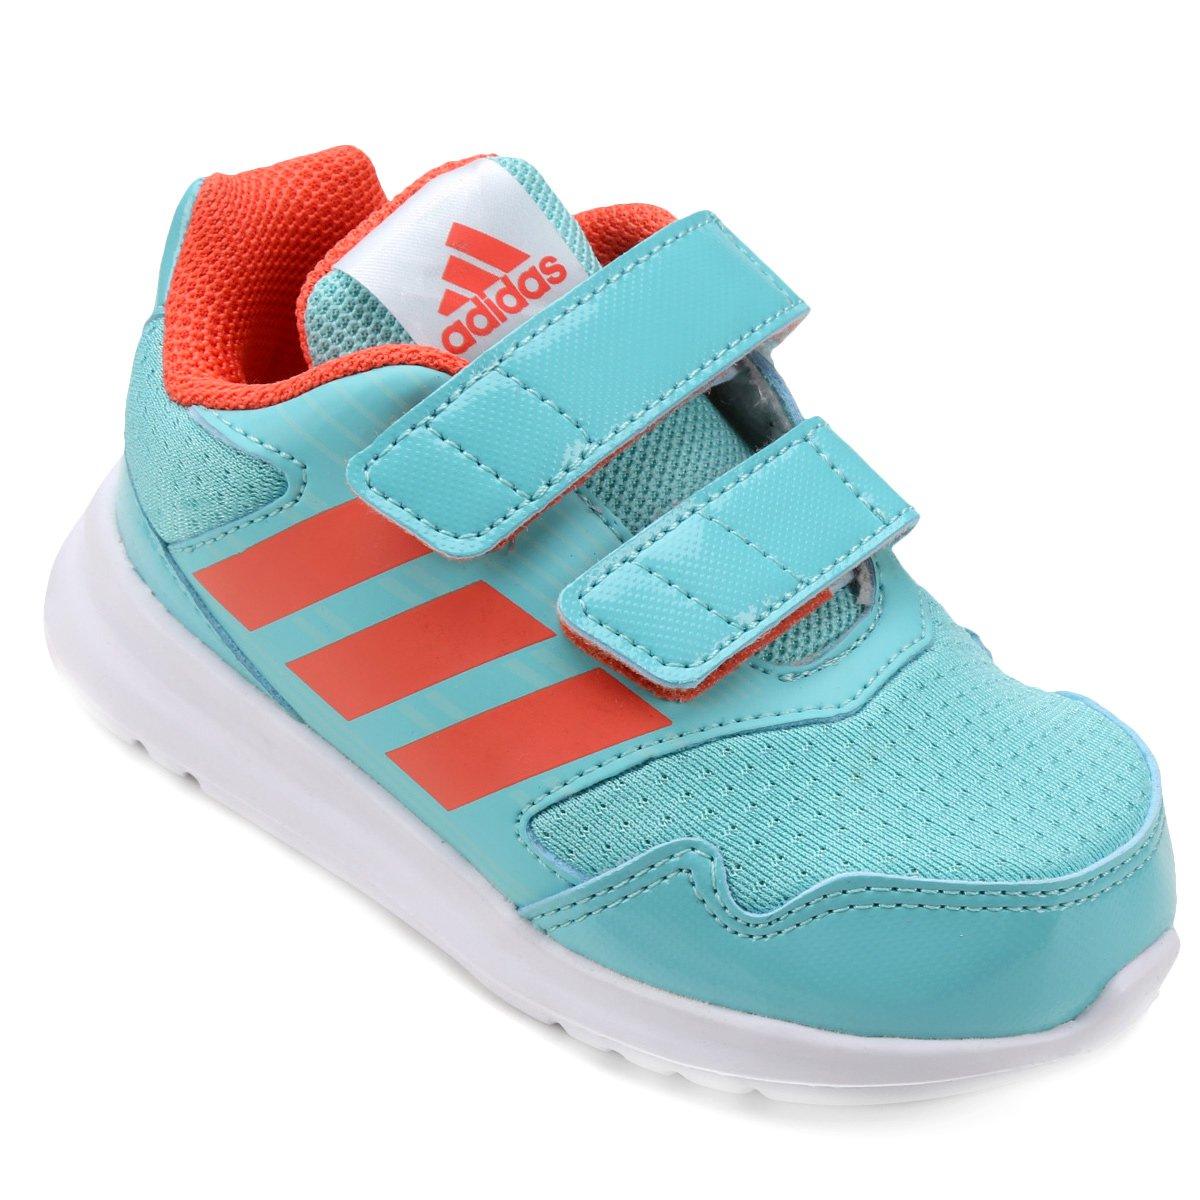 d79191e1714 Tênis Adidas Altarun Cf Infantil - Compre Agora